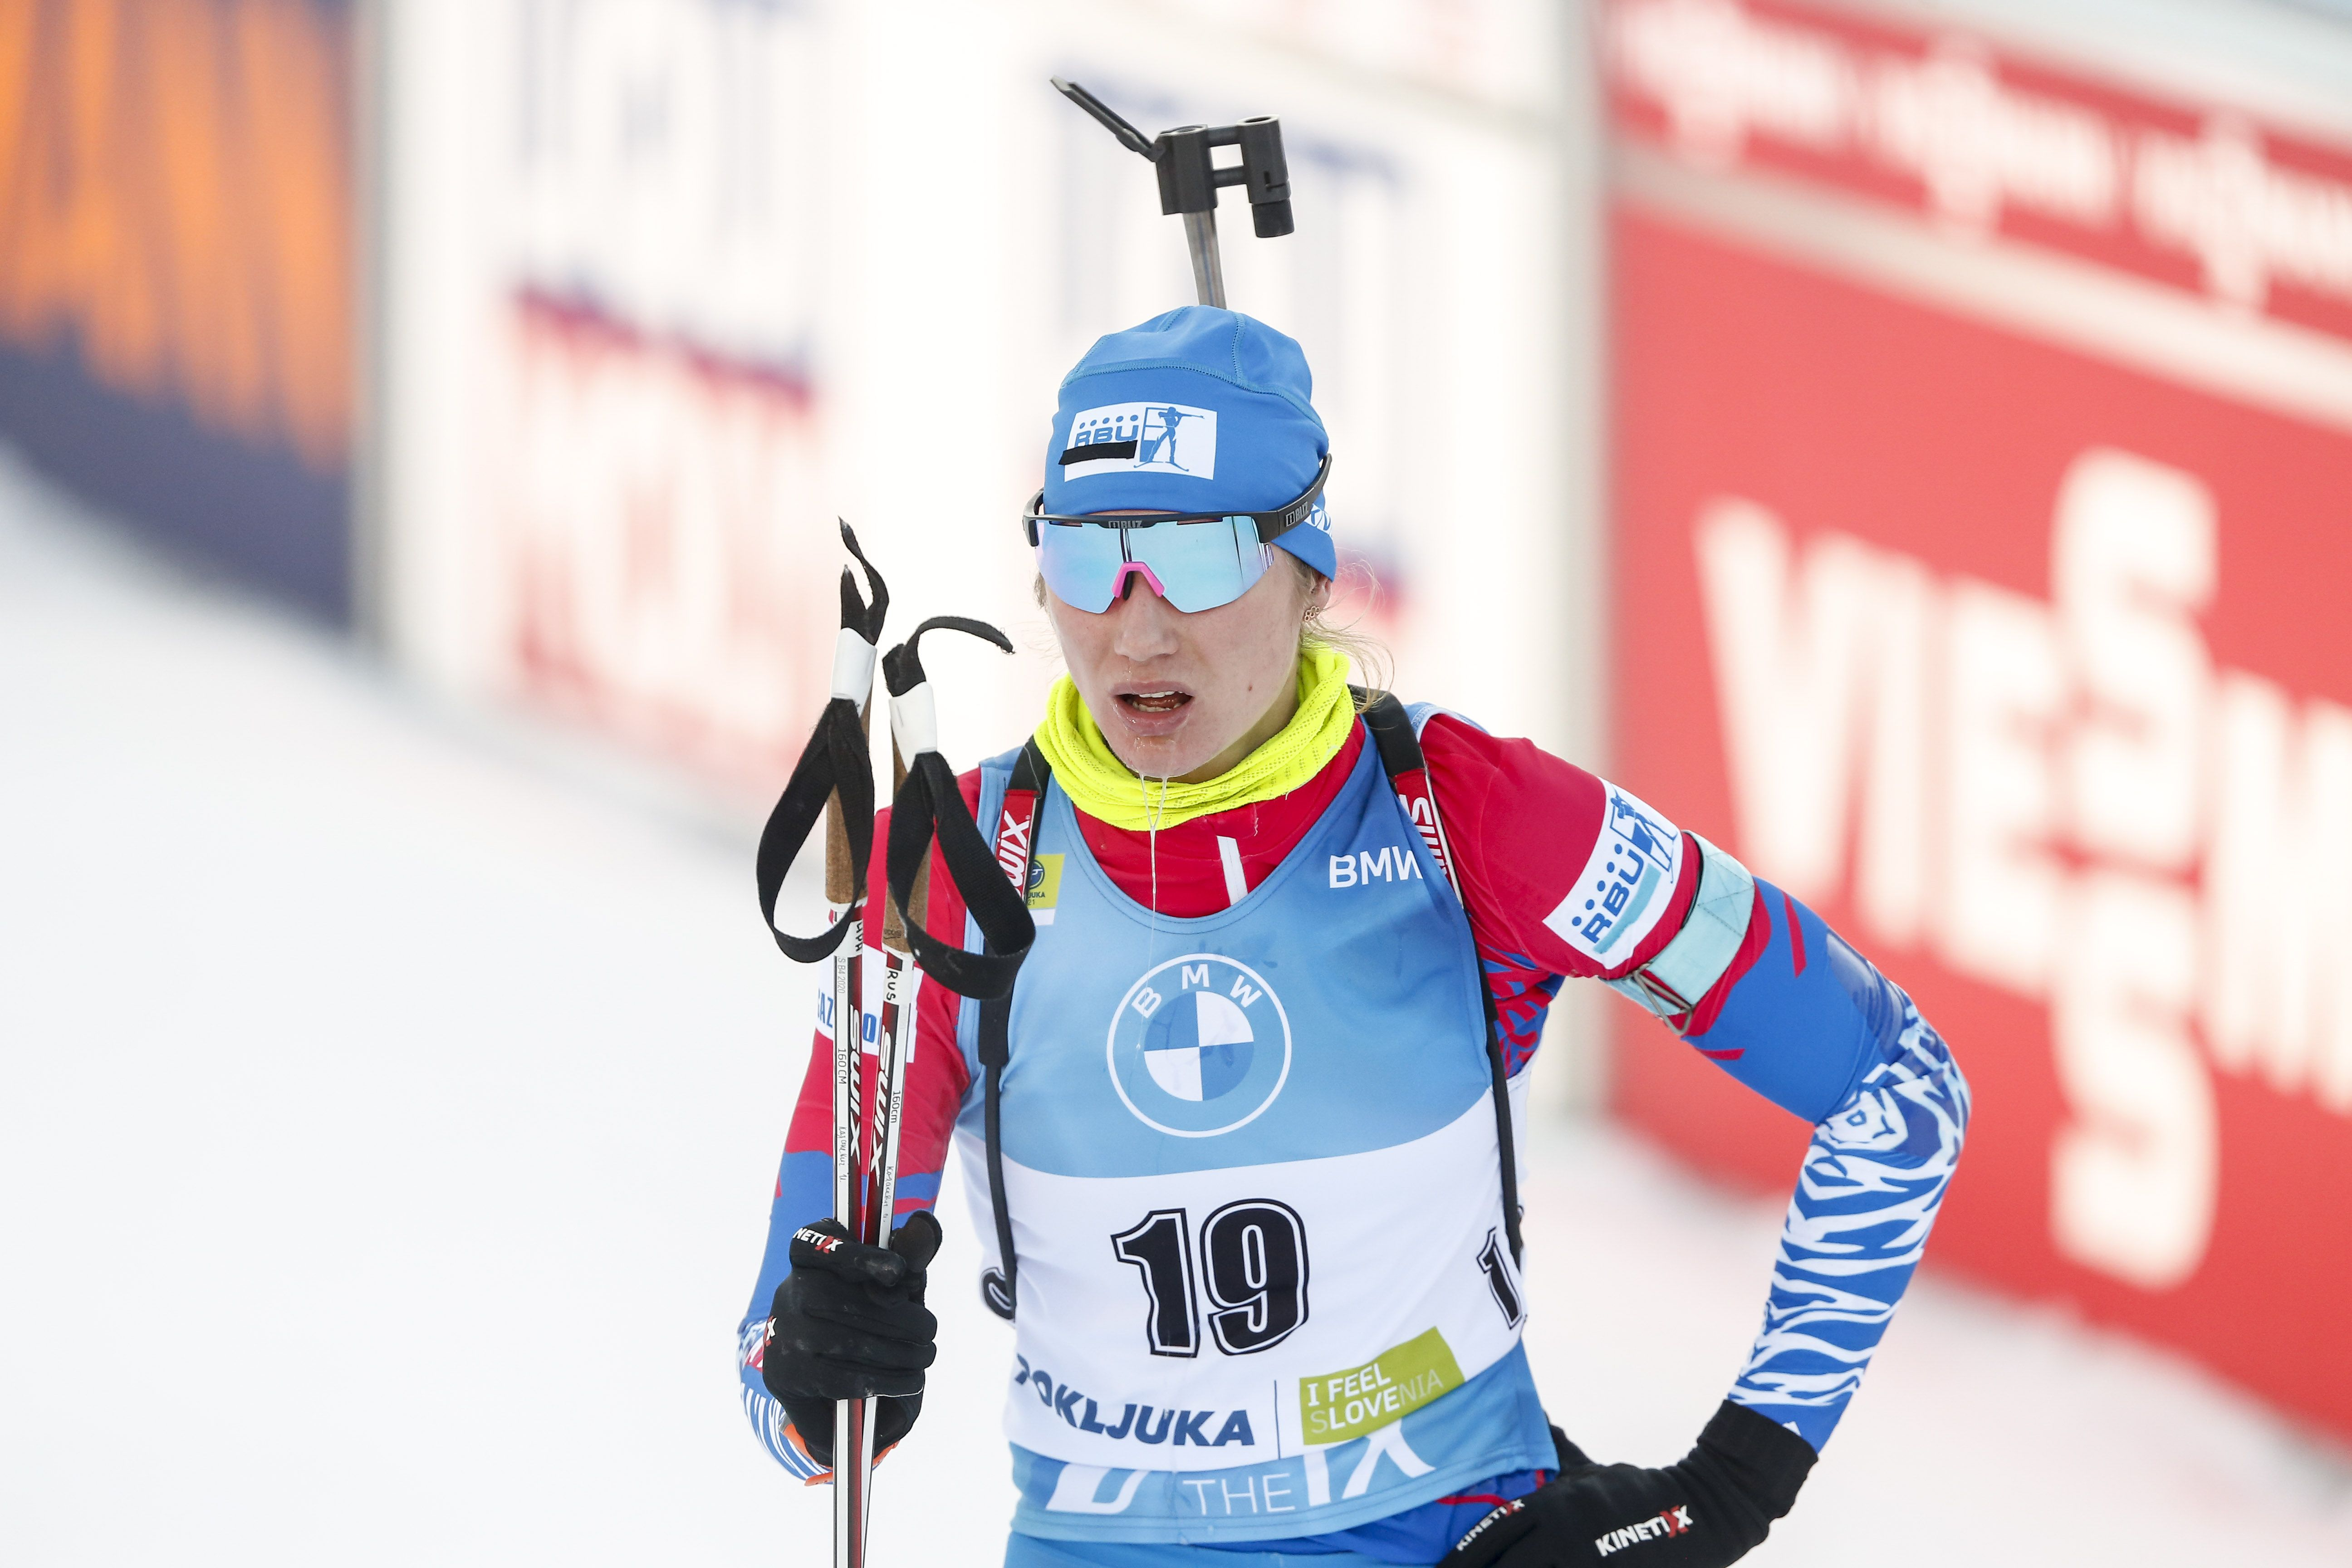 Казакевич: 'Выступления российских биатлонистов оставляют желать лучшего'